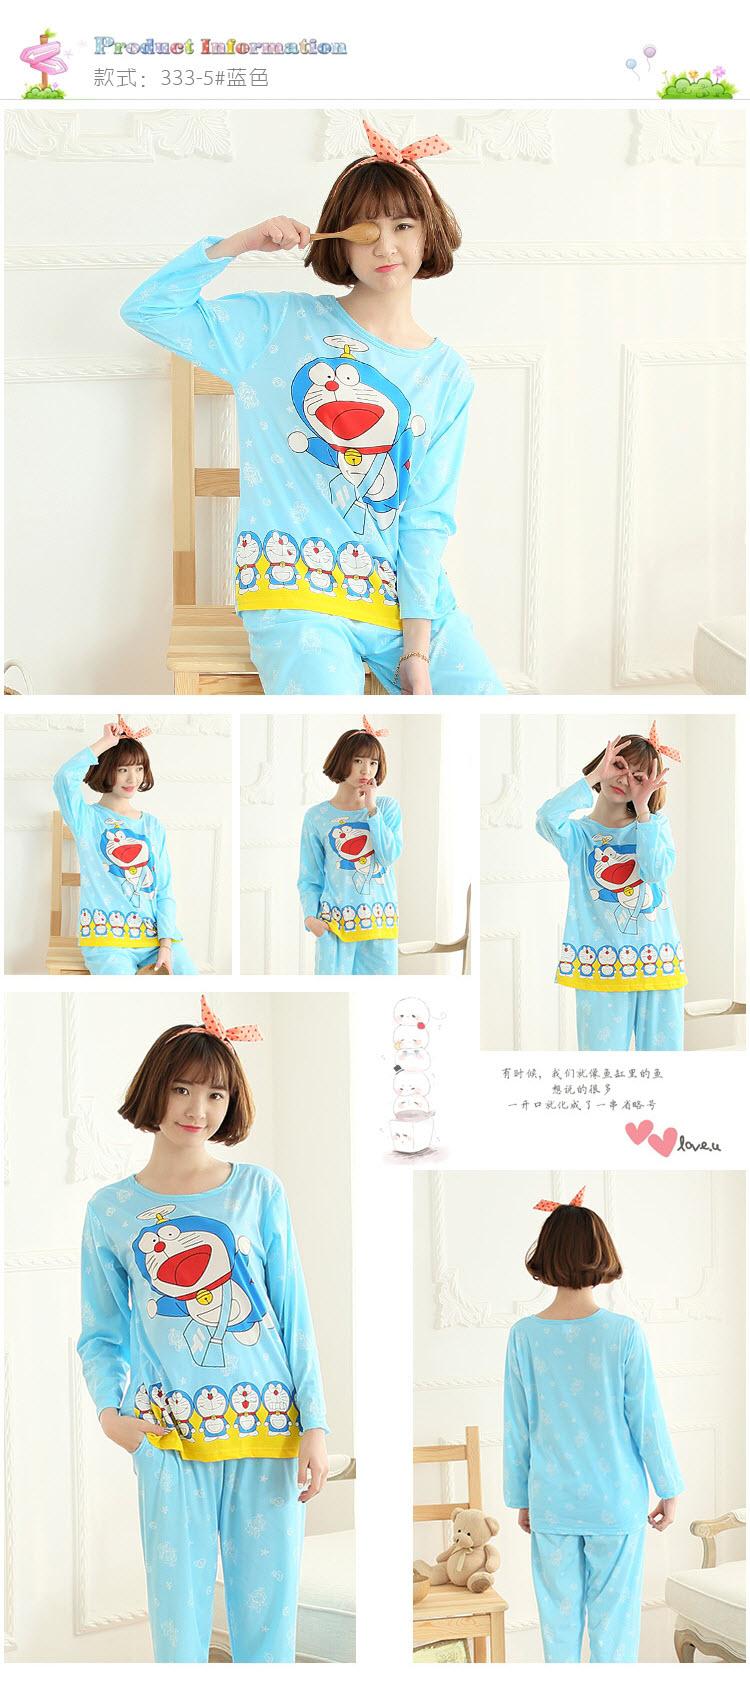 รูปชุดนอนโดราเอมอน น่ารักมากๆ